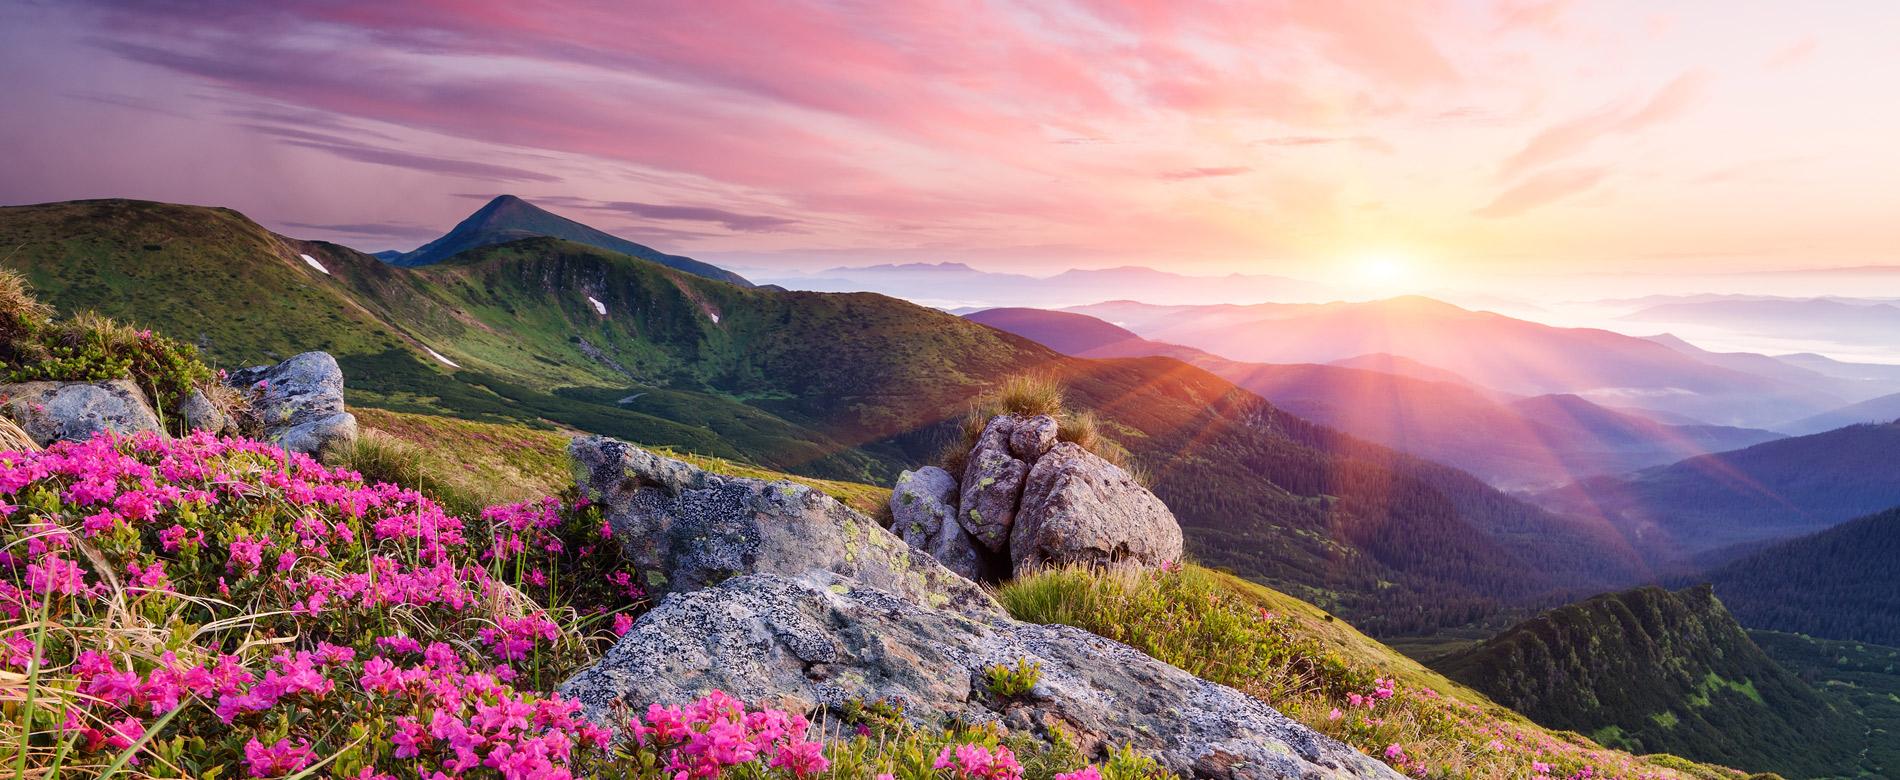 18-й день — Что мудрая вера делает с человеком?